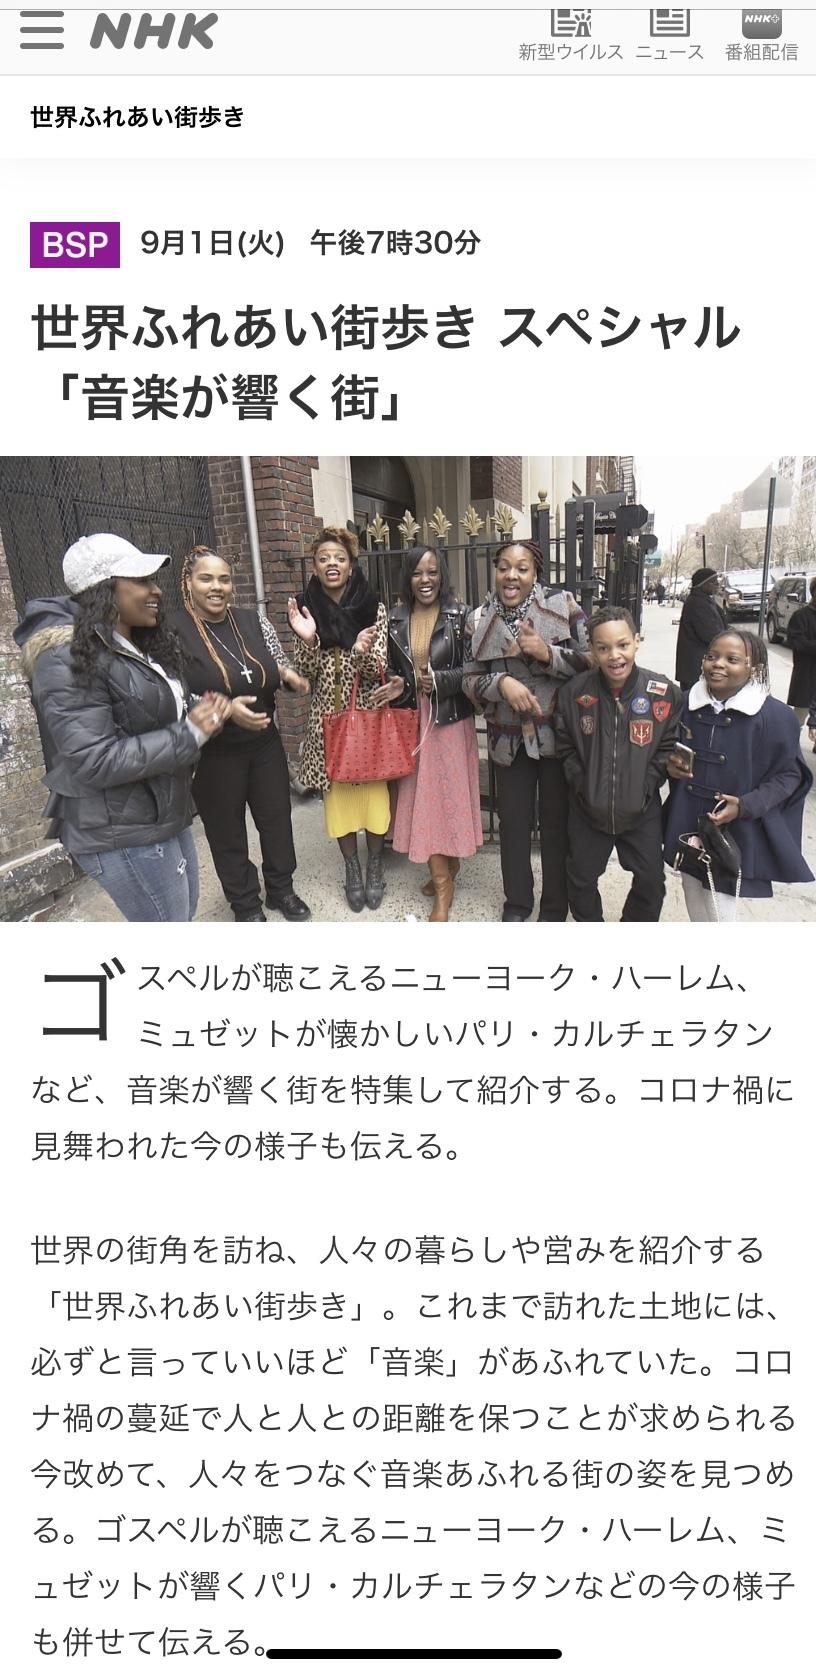 ニューヨーク・ハーレムのテレビ番組コーディネート by松尾公子_f0009746_03084749.jpeg